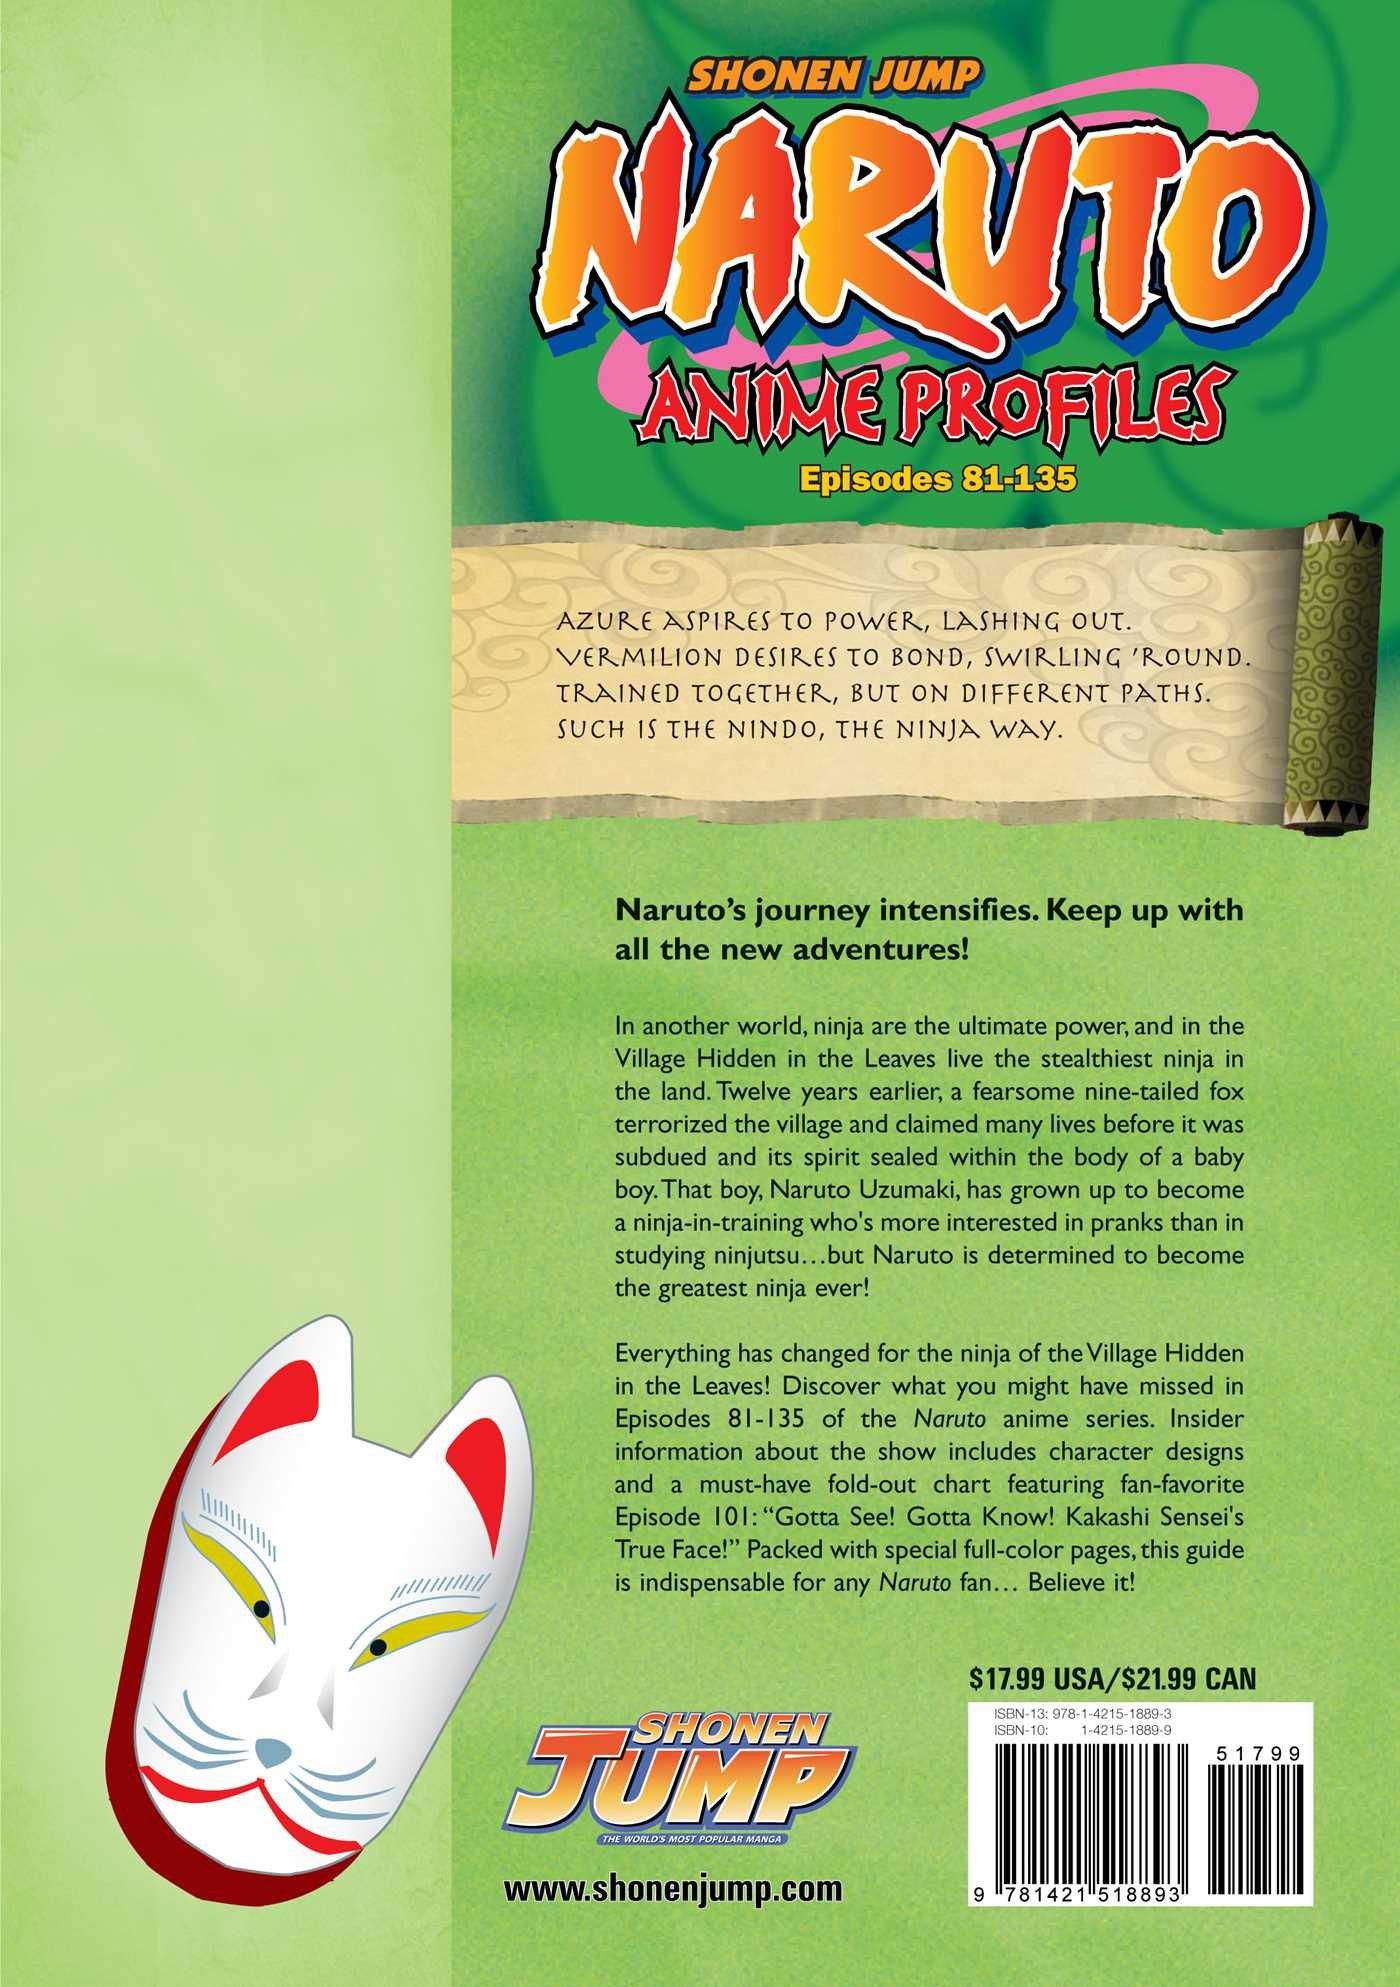 NARUTO ANIME PROFILES EPISODES 81-135: Amazon.es: KISHIMOTO ...